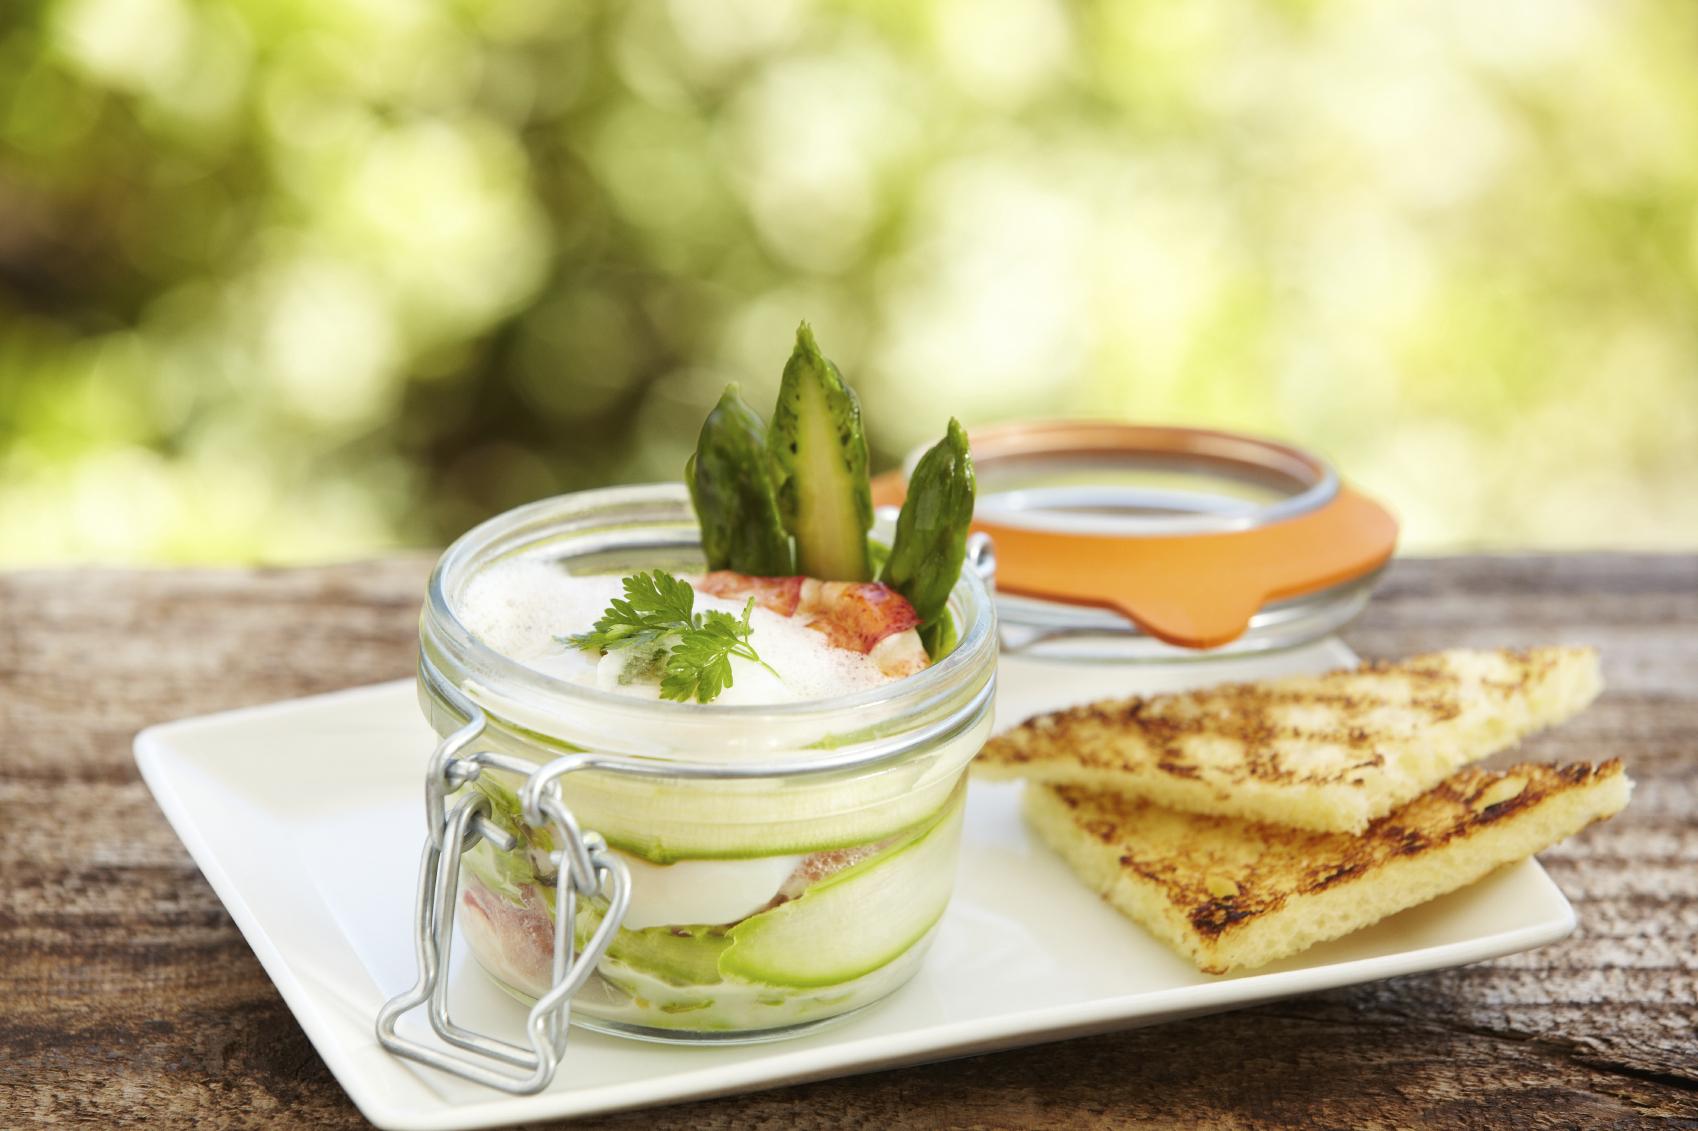 Mixed appetizers platter Platt imħallat għal qabel l-ikel